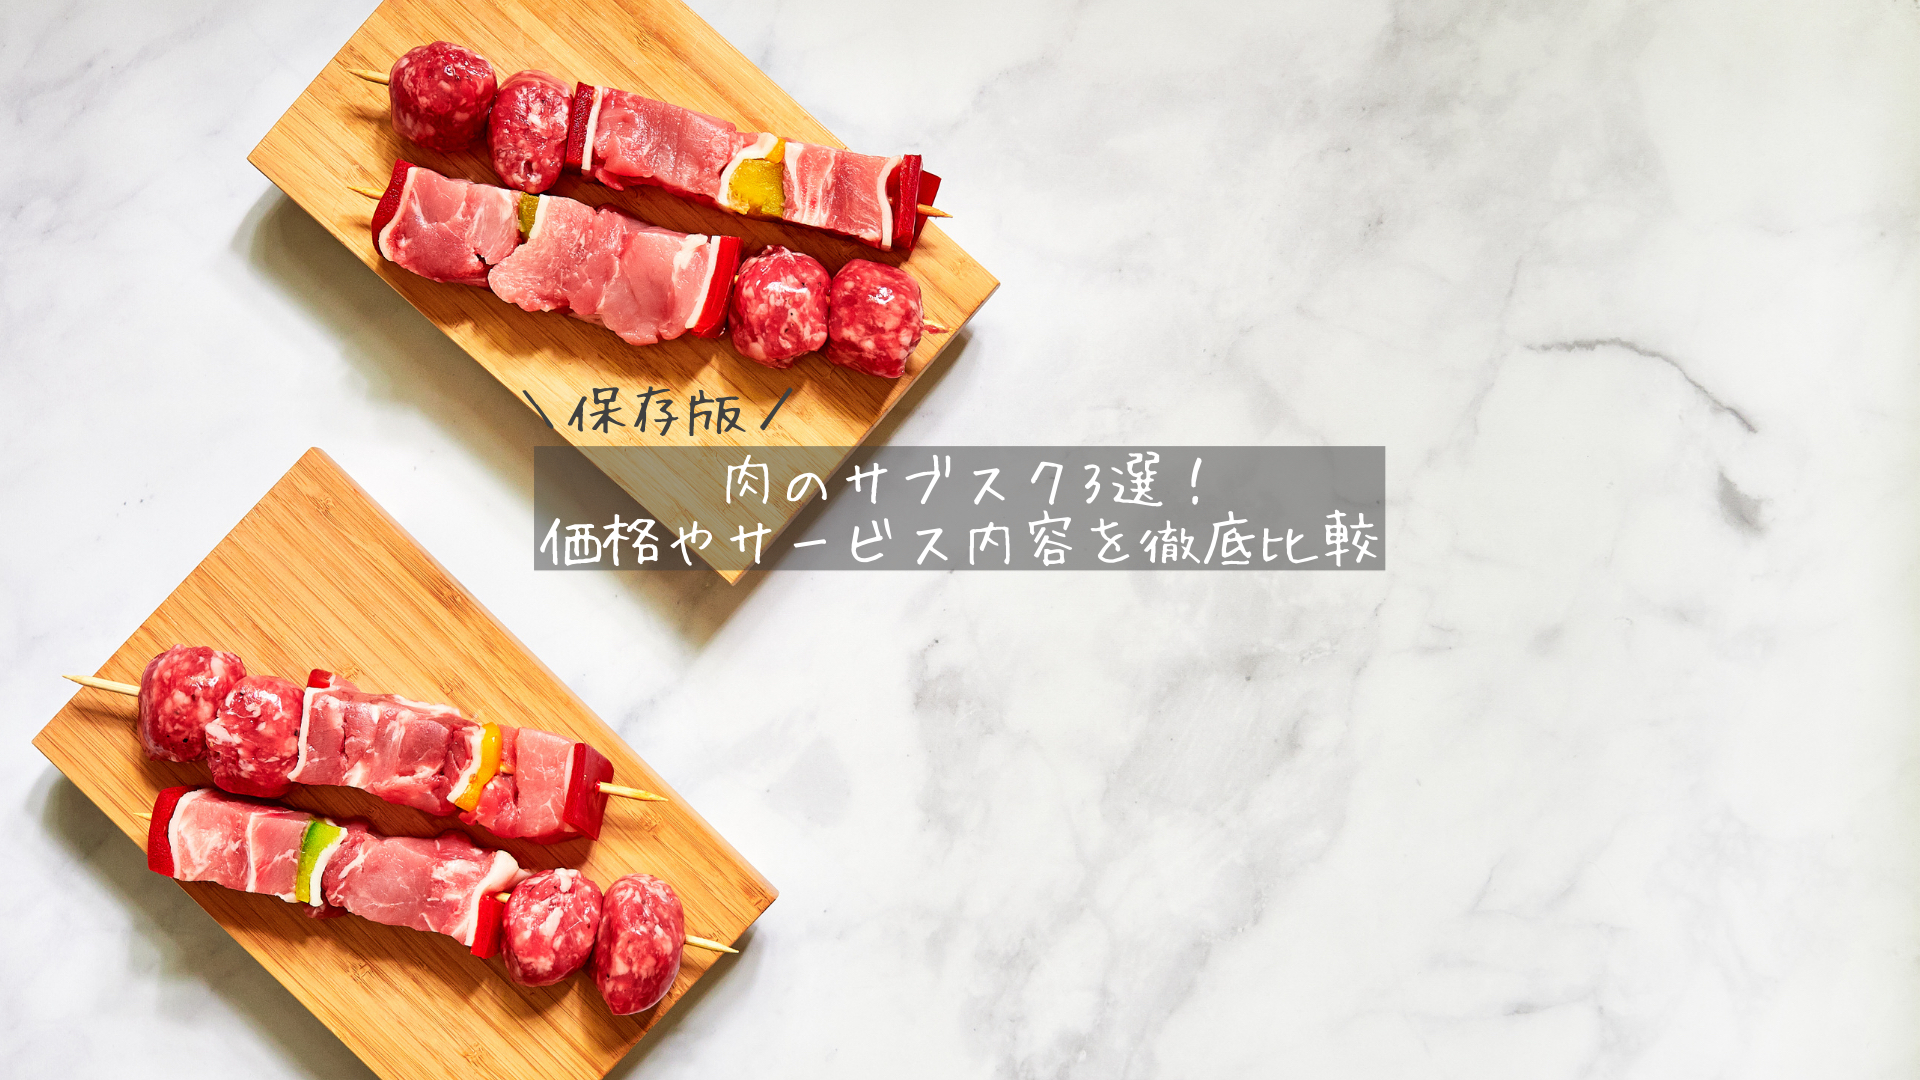 肉のサブスク3選!価格やサービス内容を徹底比較